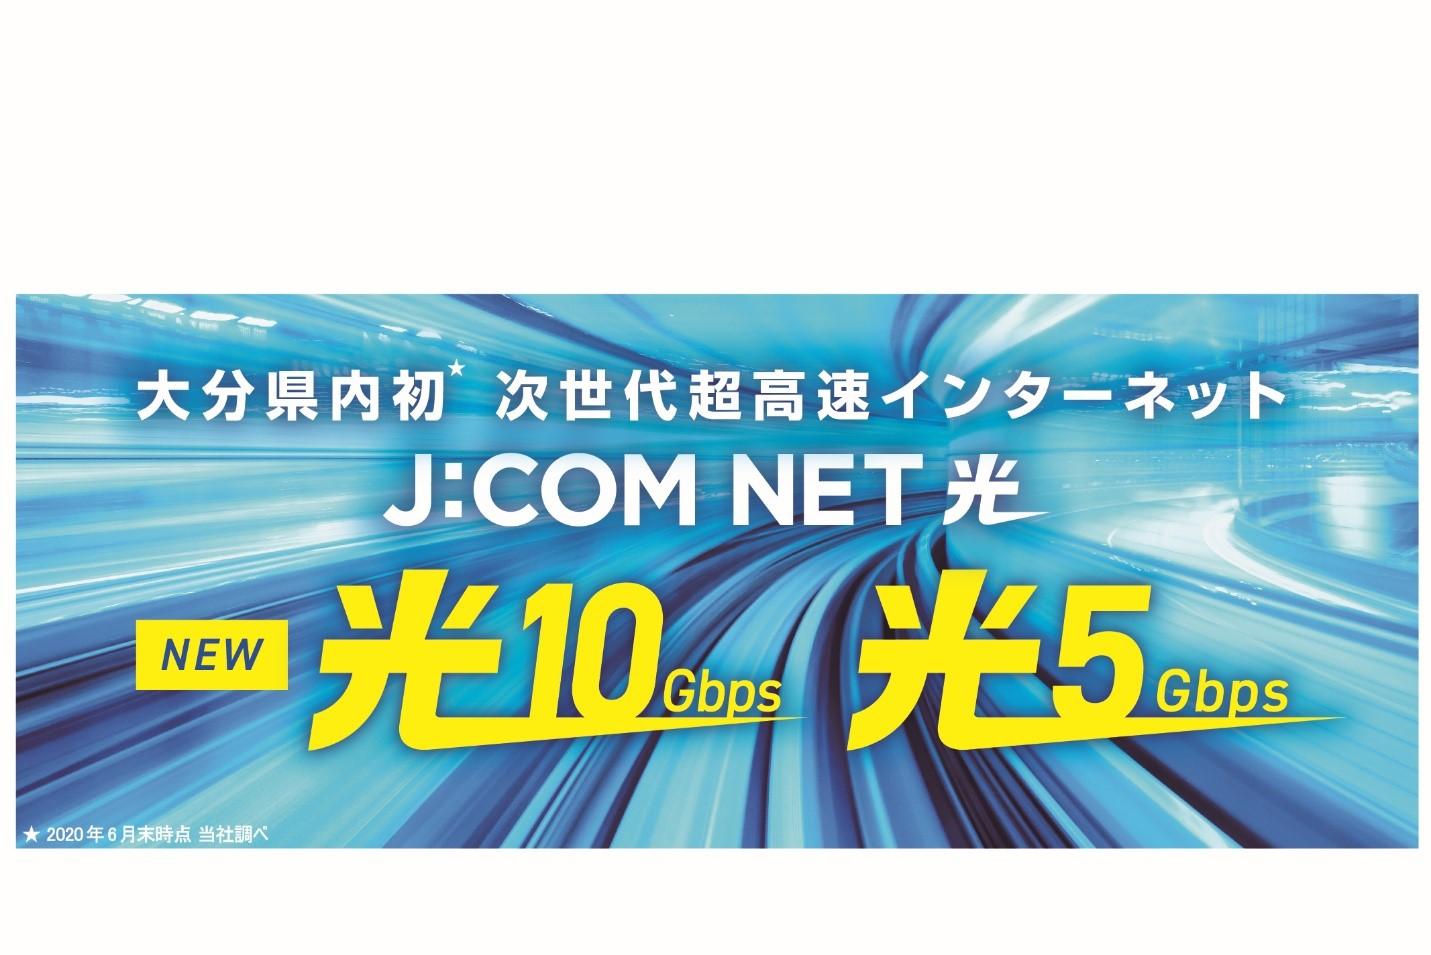 大分県内初の超高速インターネットサービス「J:COM NET光10G・光5Gコース」7月15日(水)より受付開始・8月1日(土)より提供開始